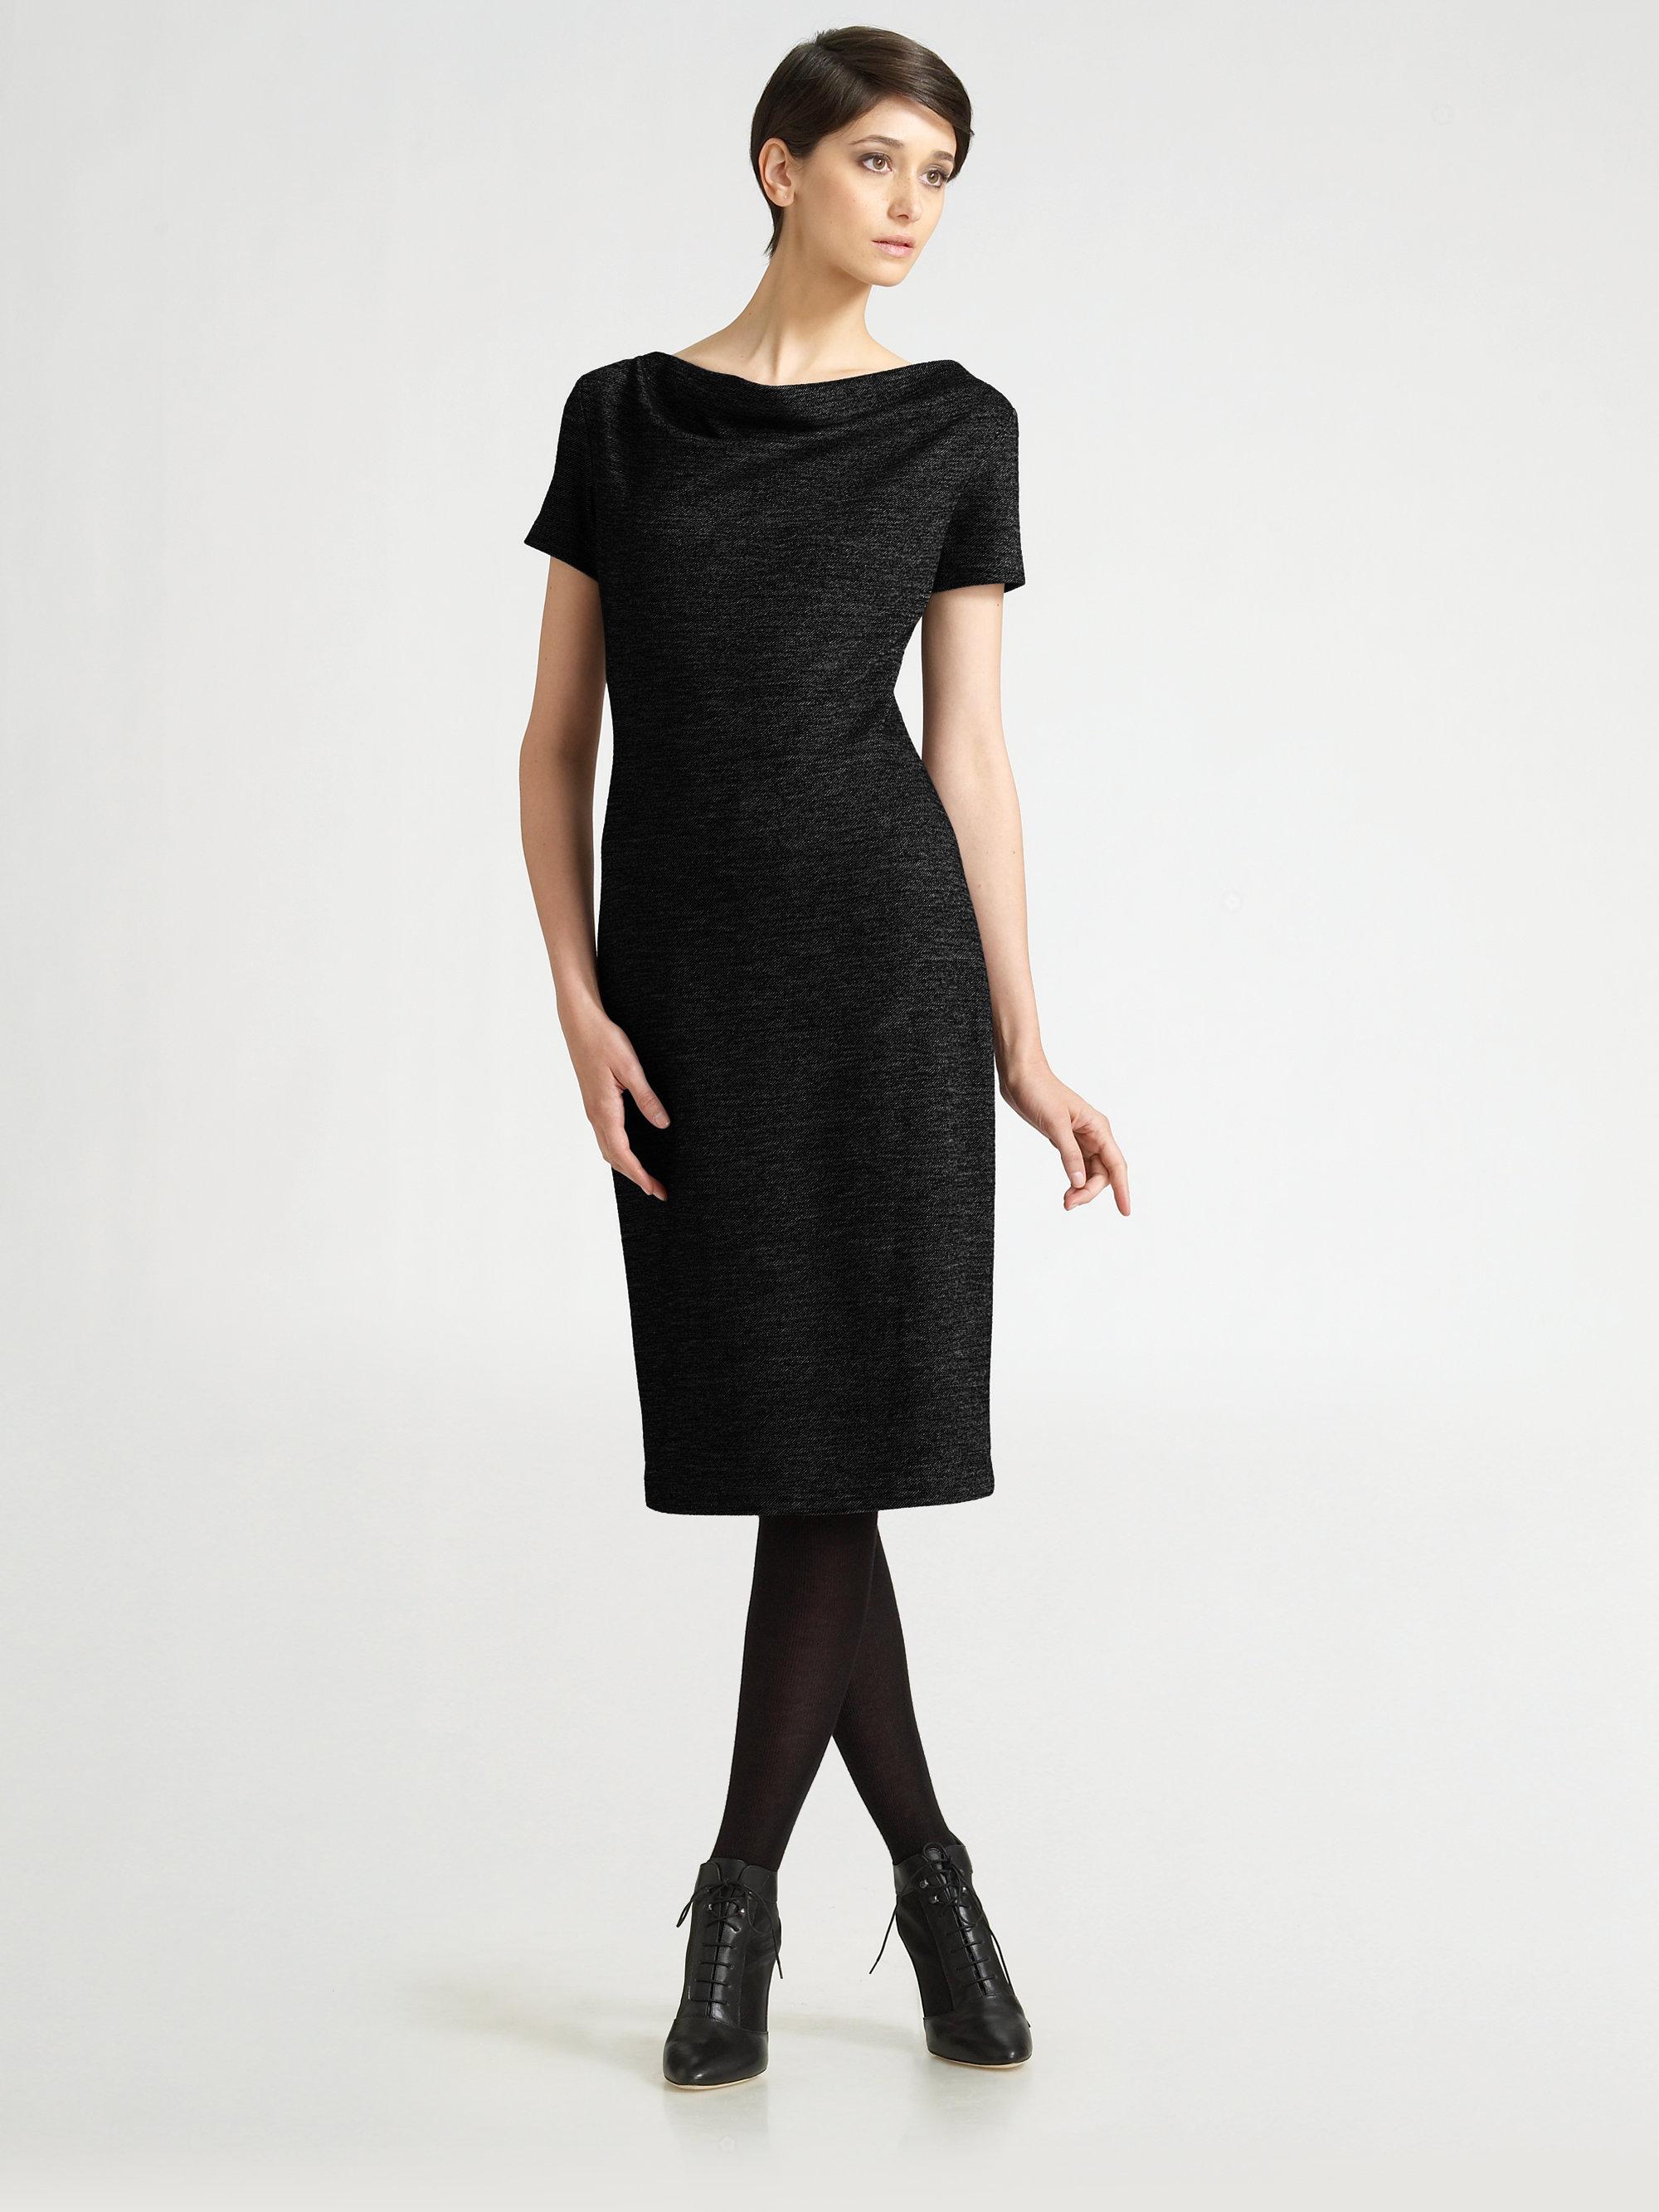 Max mara Cowl Neck Jersey Sheath Dress in Black - Lyst